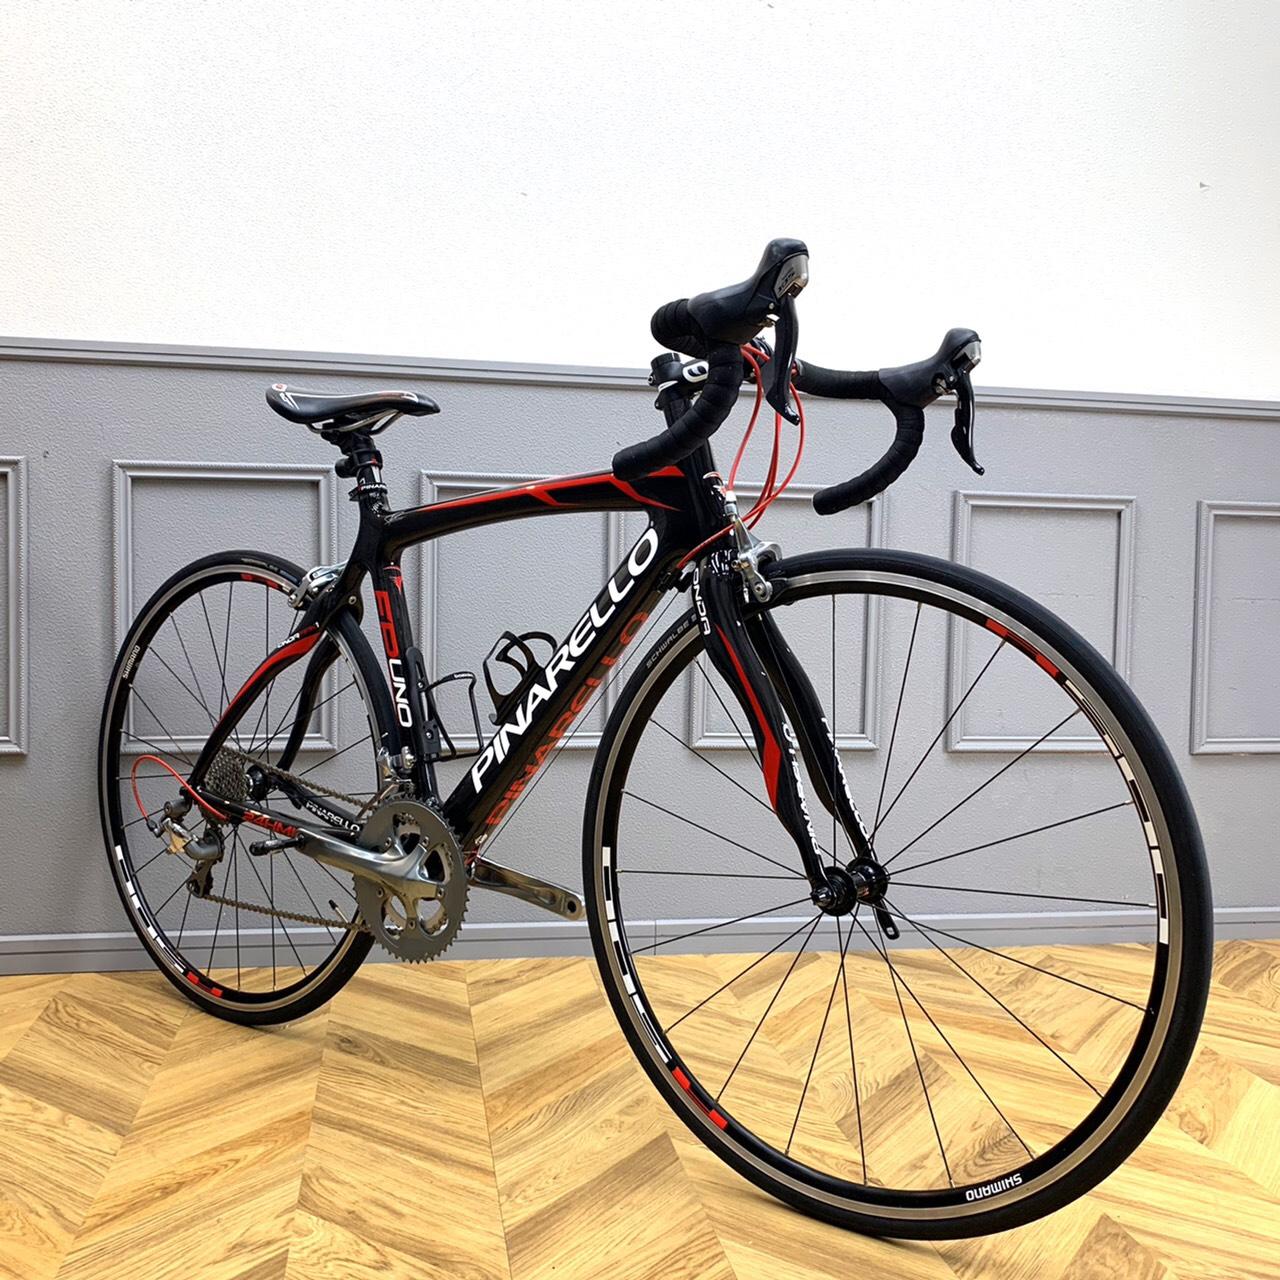 PINARELLOピナレロ フルカーボンロードバイク FP UNO Carbon  2013年モデル